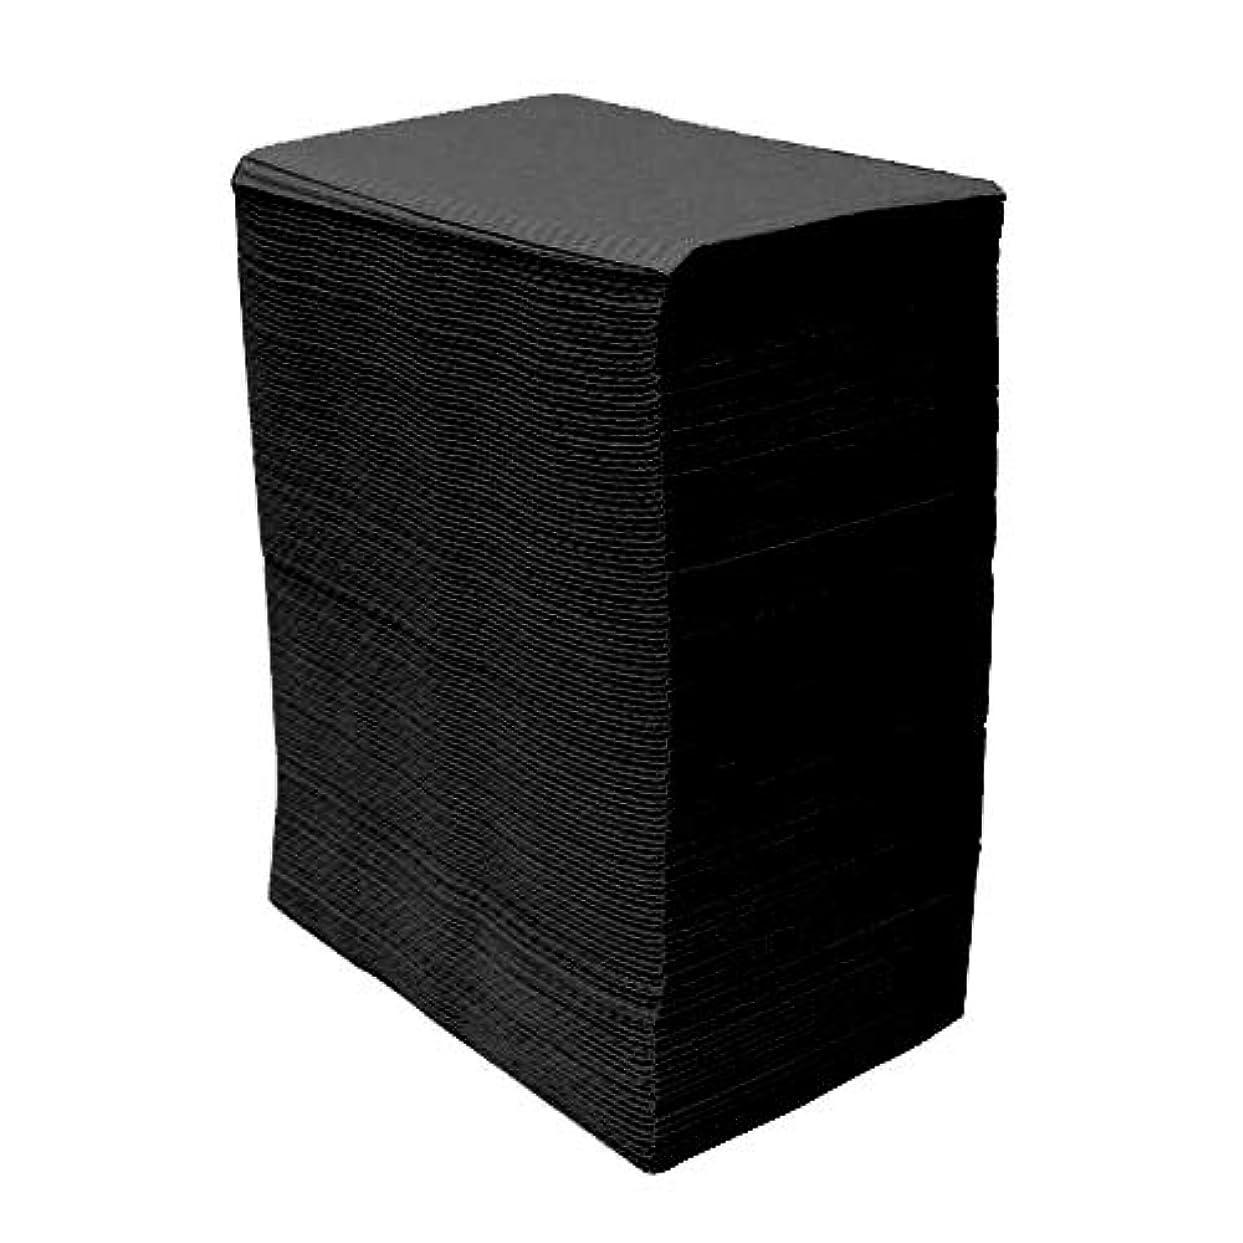 【125枚入】ネイルテーブルシート (ブラック) 防水加工 ジェルネイル ネイルペーパー ネイルマット 防水ネイルシート